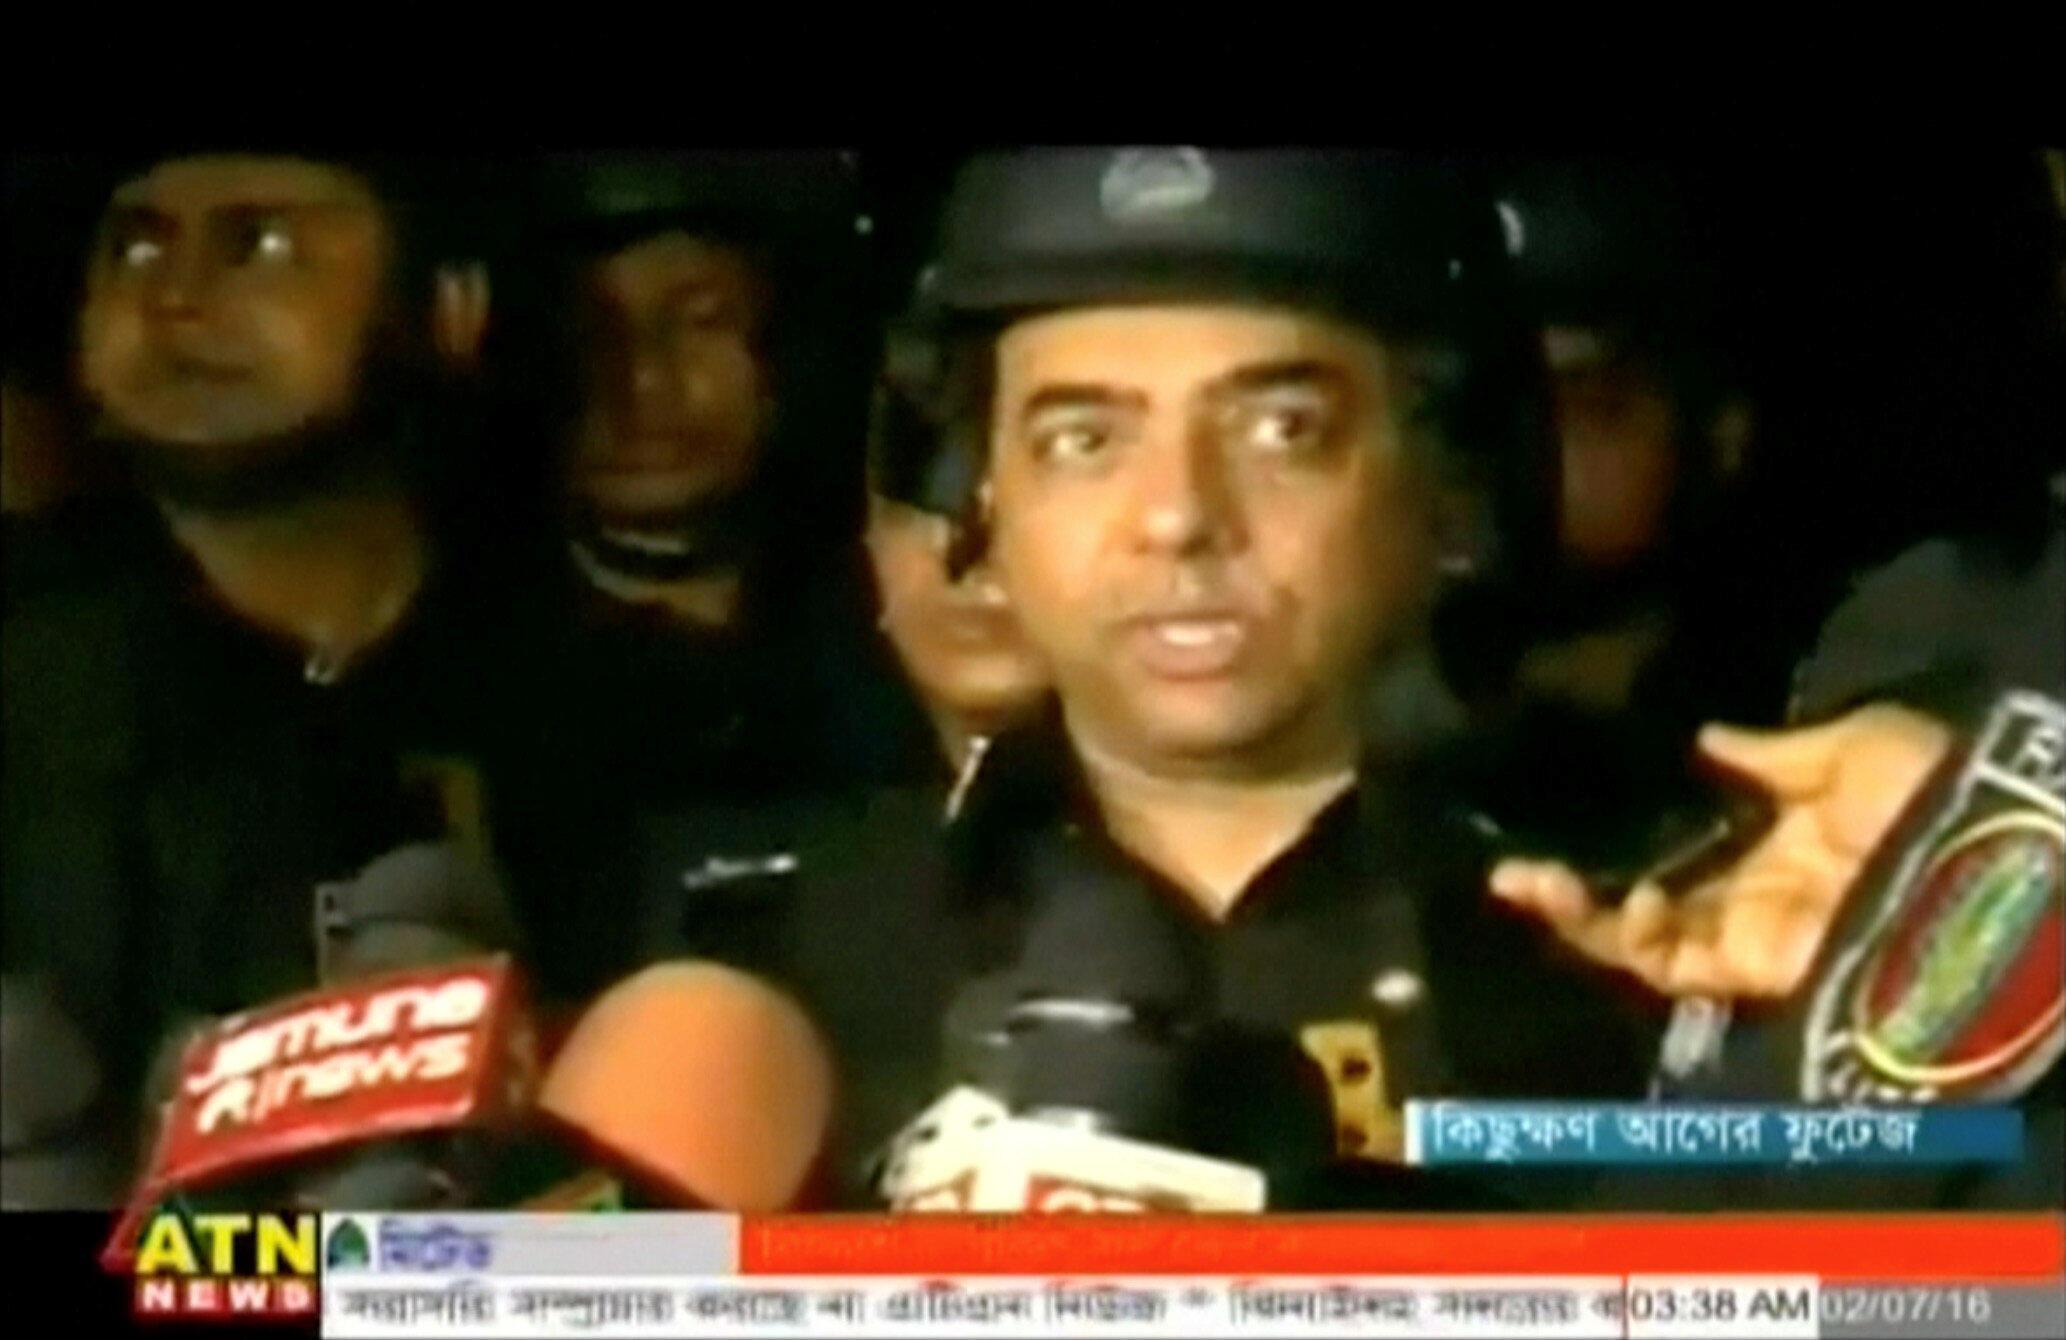 Le chef du bataillon d'intervention rapide Benazir Ahmed s'adressant aux médias, dans la nuit de vendredi à samedi.